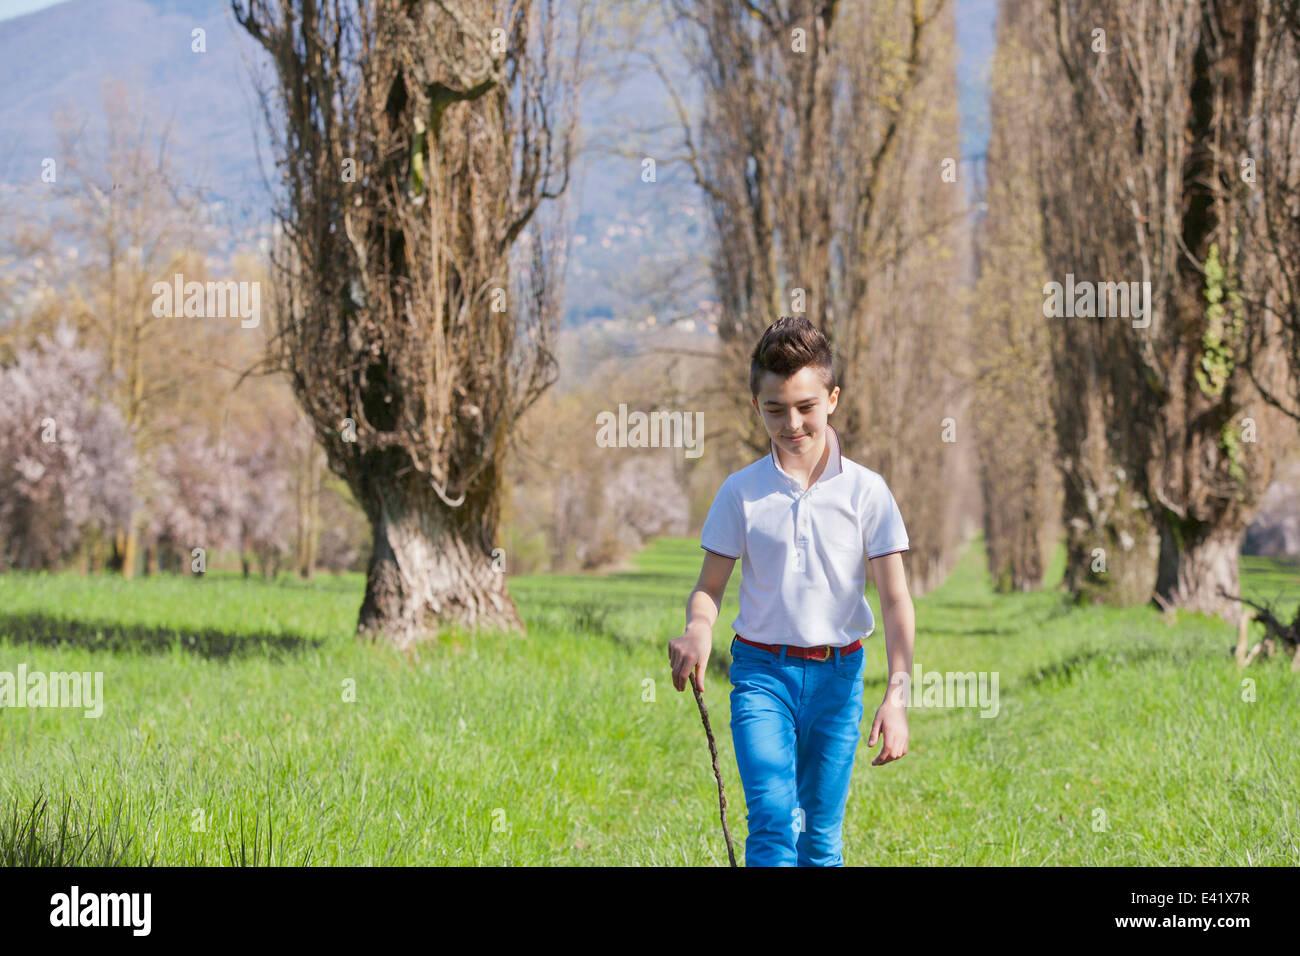 Un garçon de douze ans se promener avec bâton de marche Photo Stock